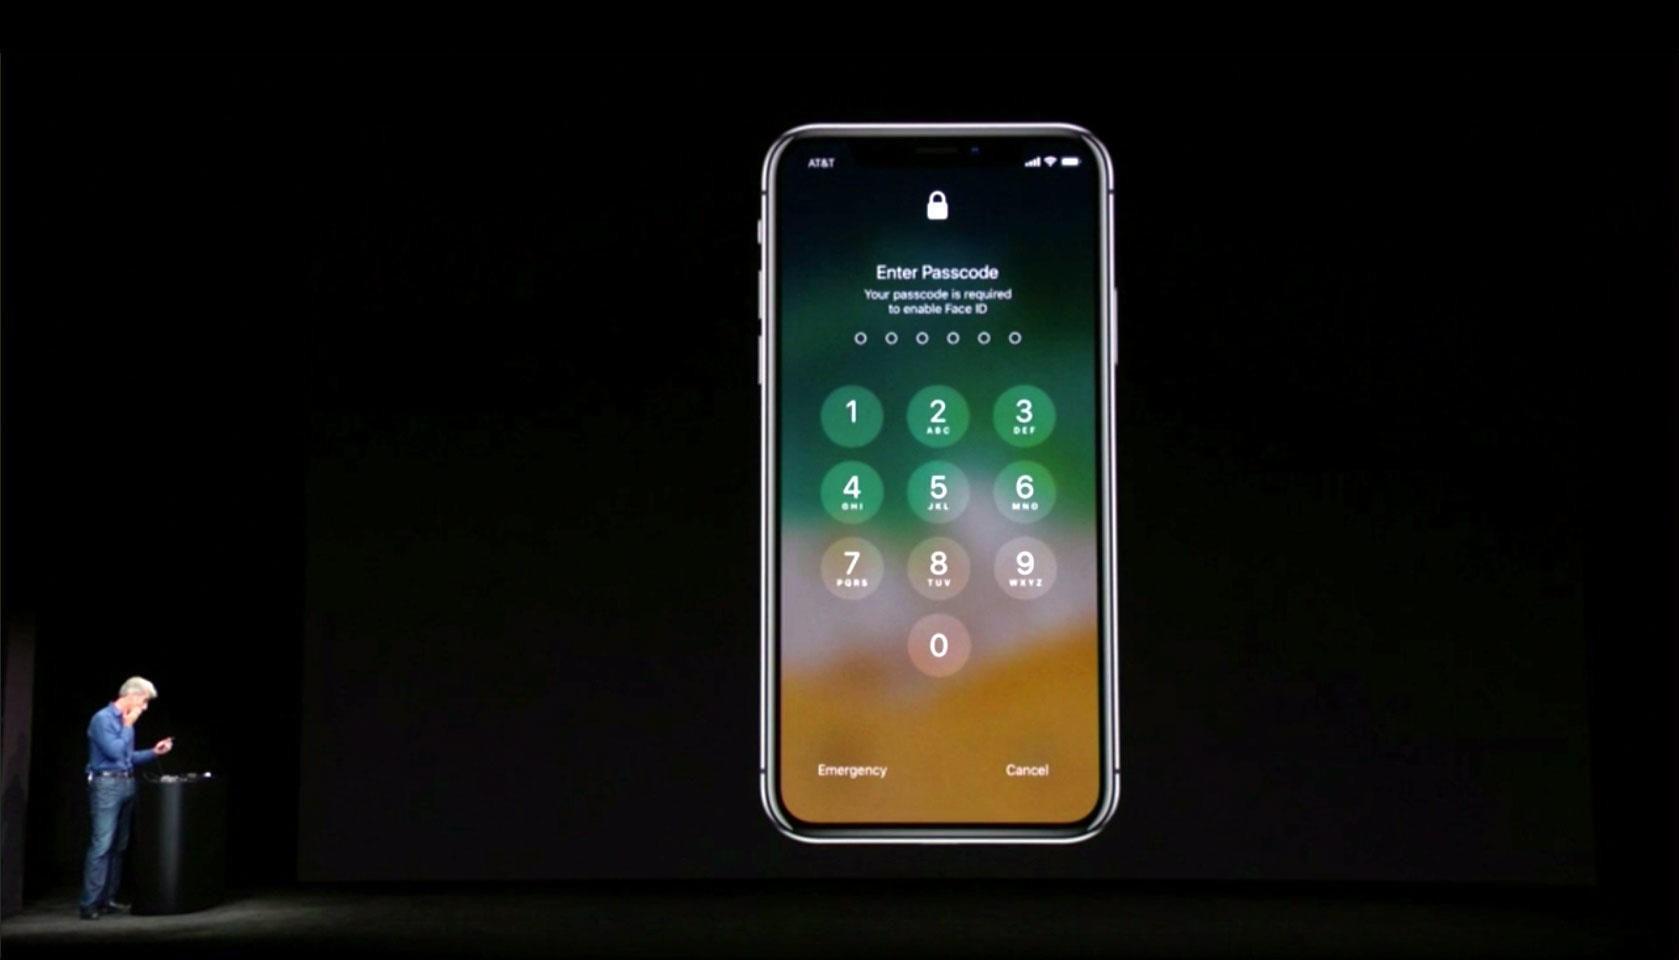 Apples sjef for programvareutvikling, Craig Federighi, tørker svetten da iPhone X ikke vil låse seg opp ved hjelp av ansiktsgjenkjenning på verst tenkelig tidspunkt ...